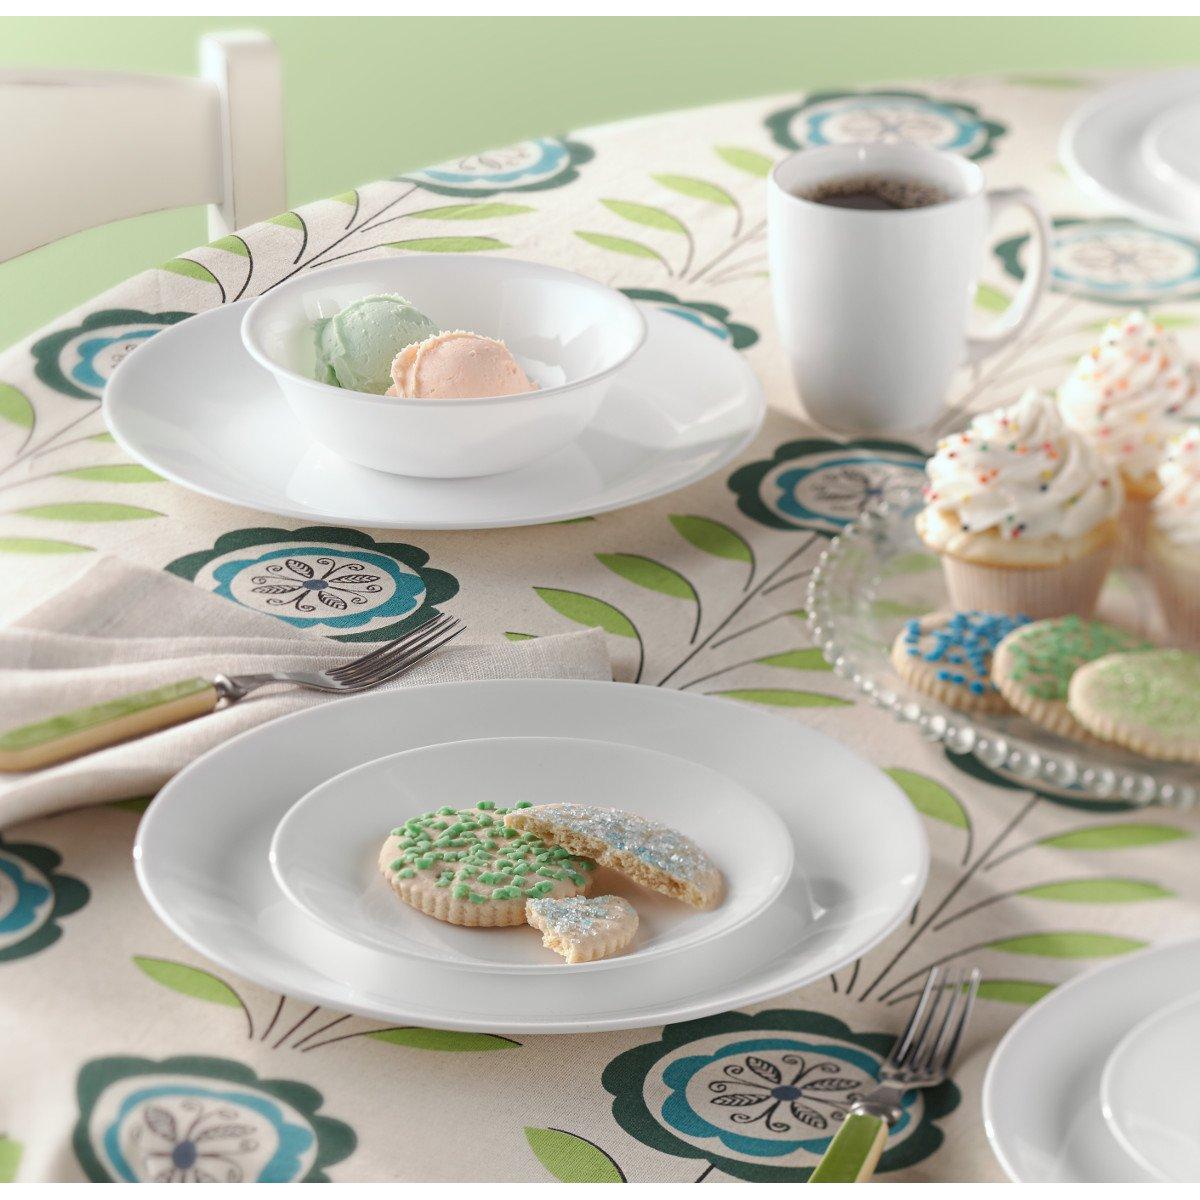 Corelle Dinner Plate - Winter Frost White